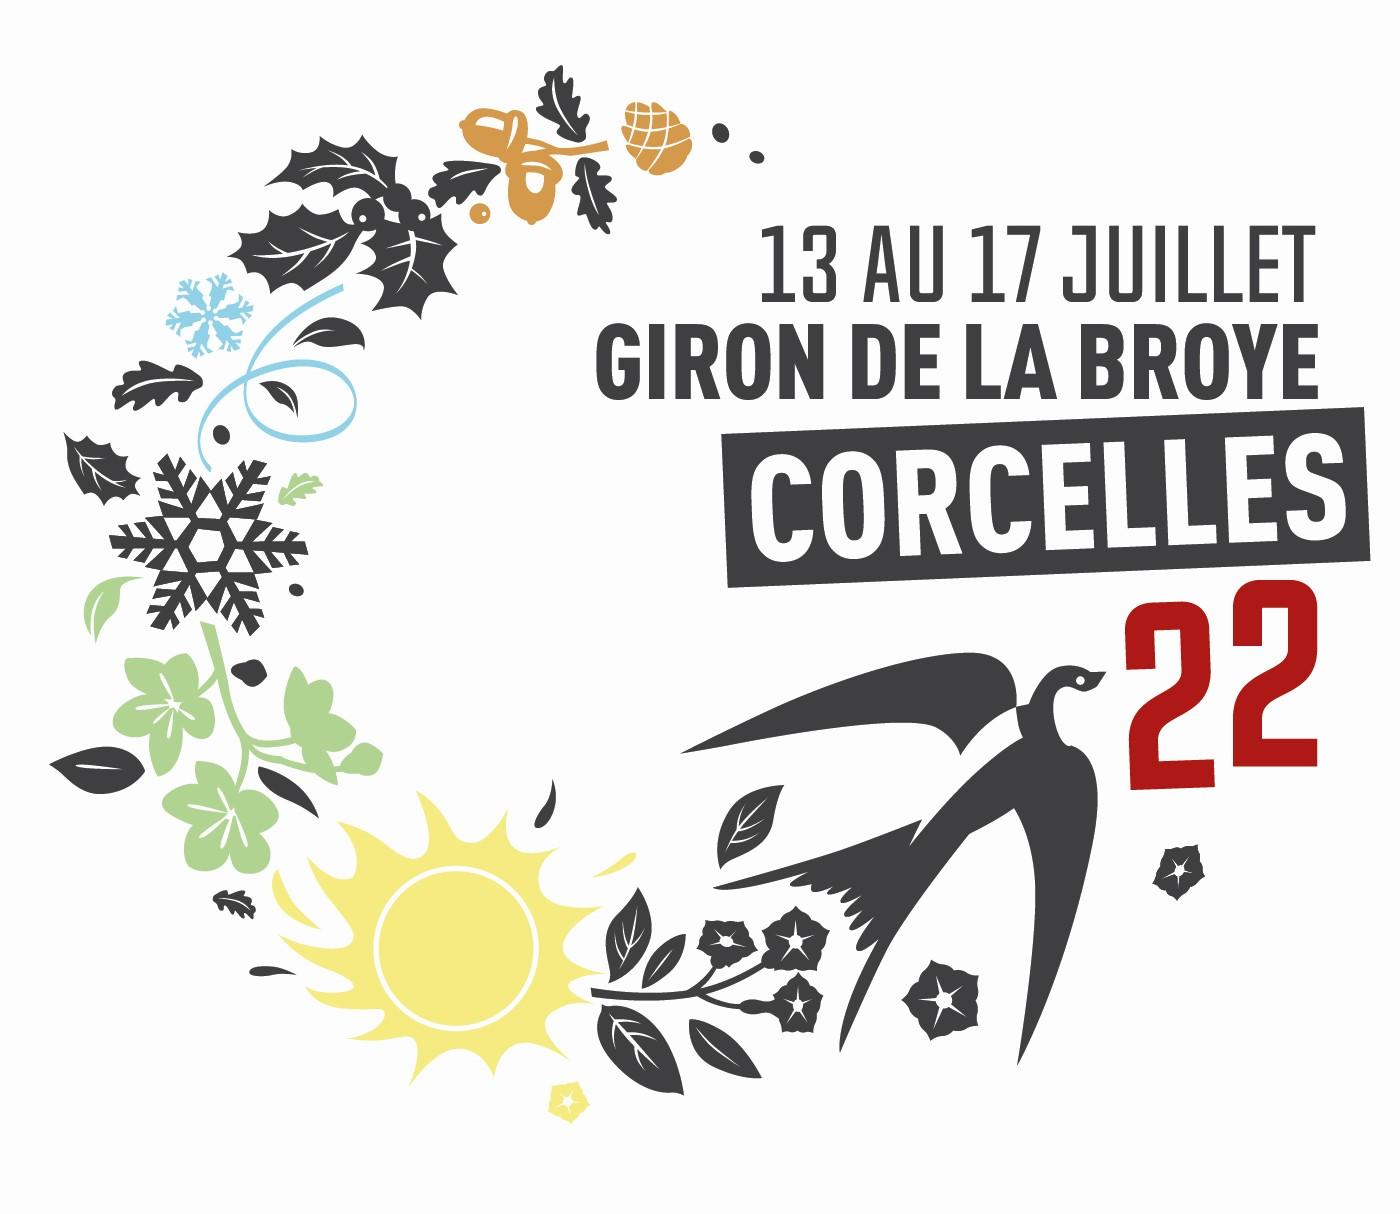 Giron de la Broye FVJC 2022 à Corcelles